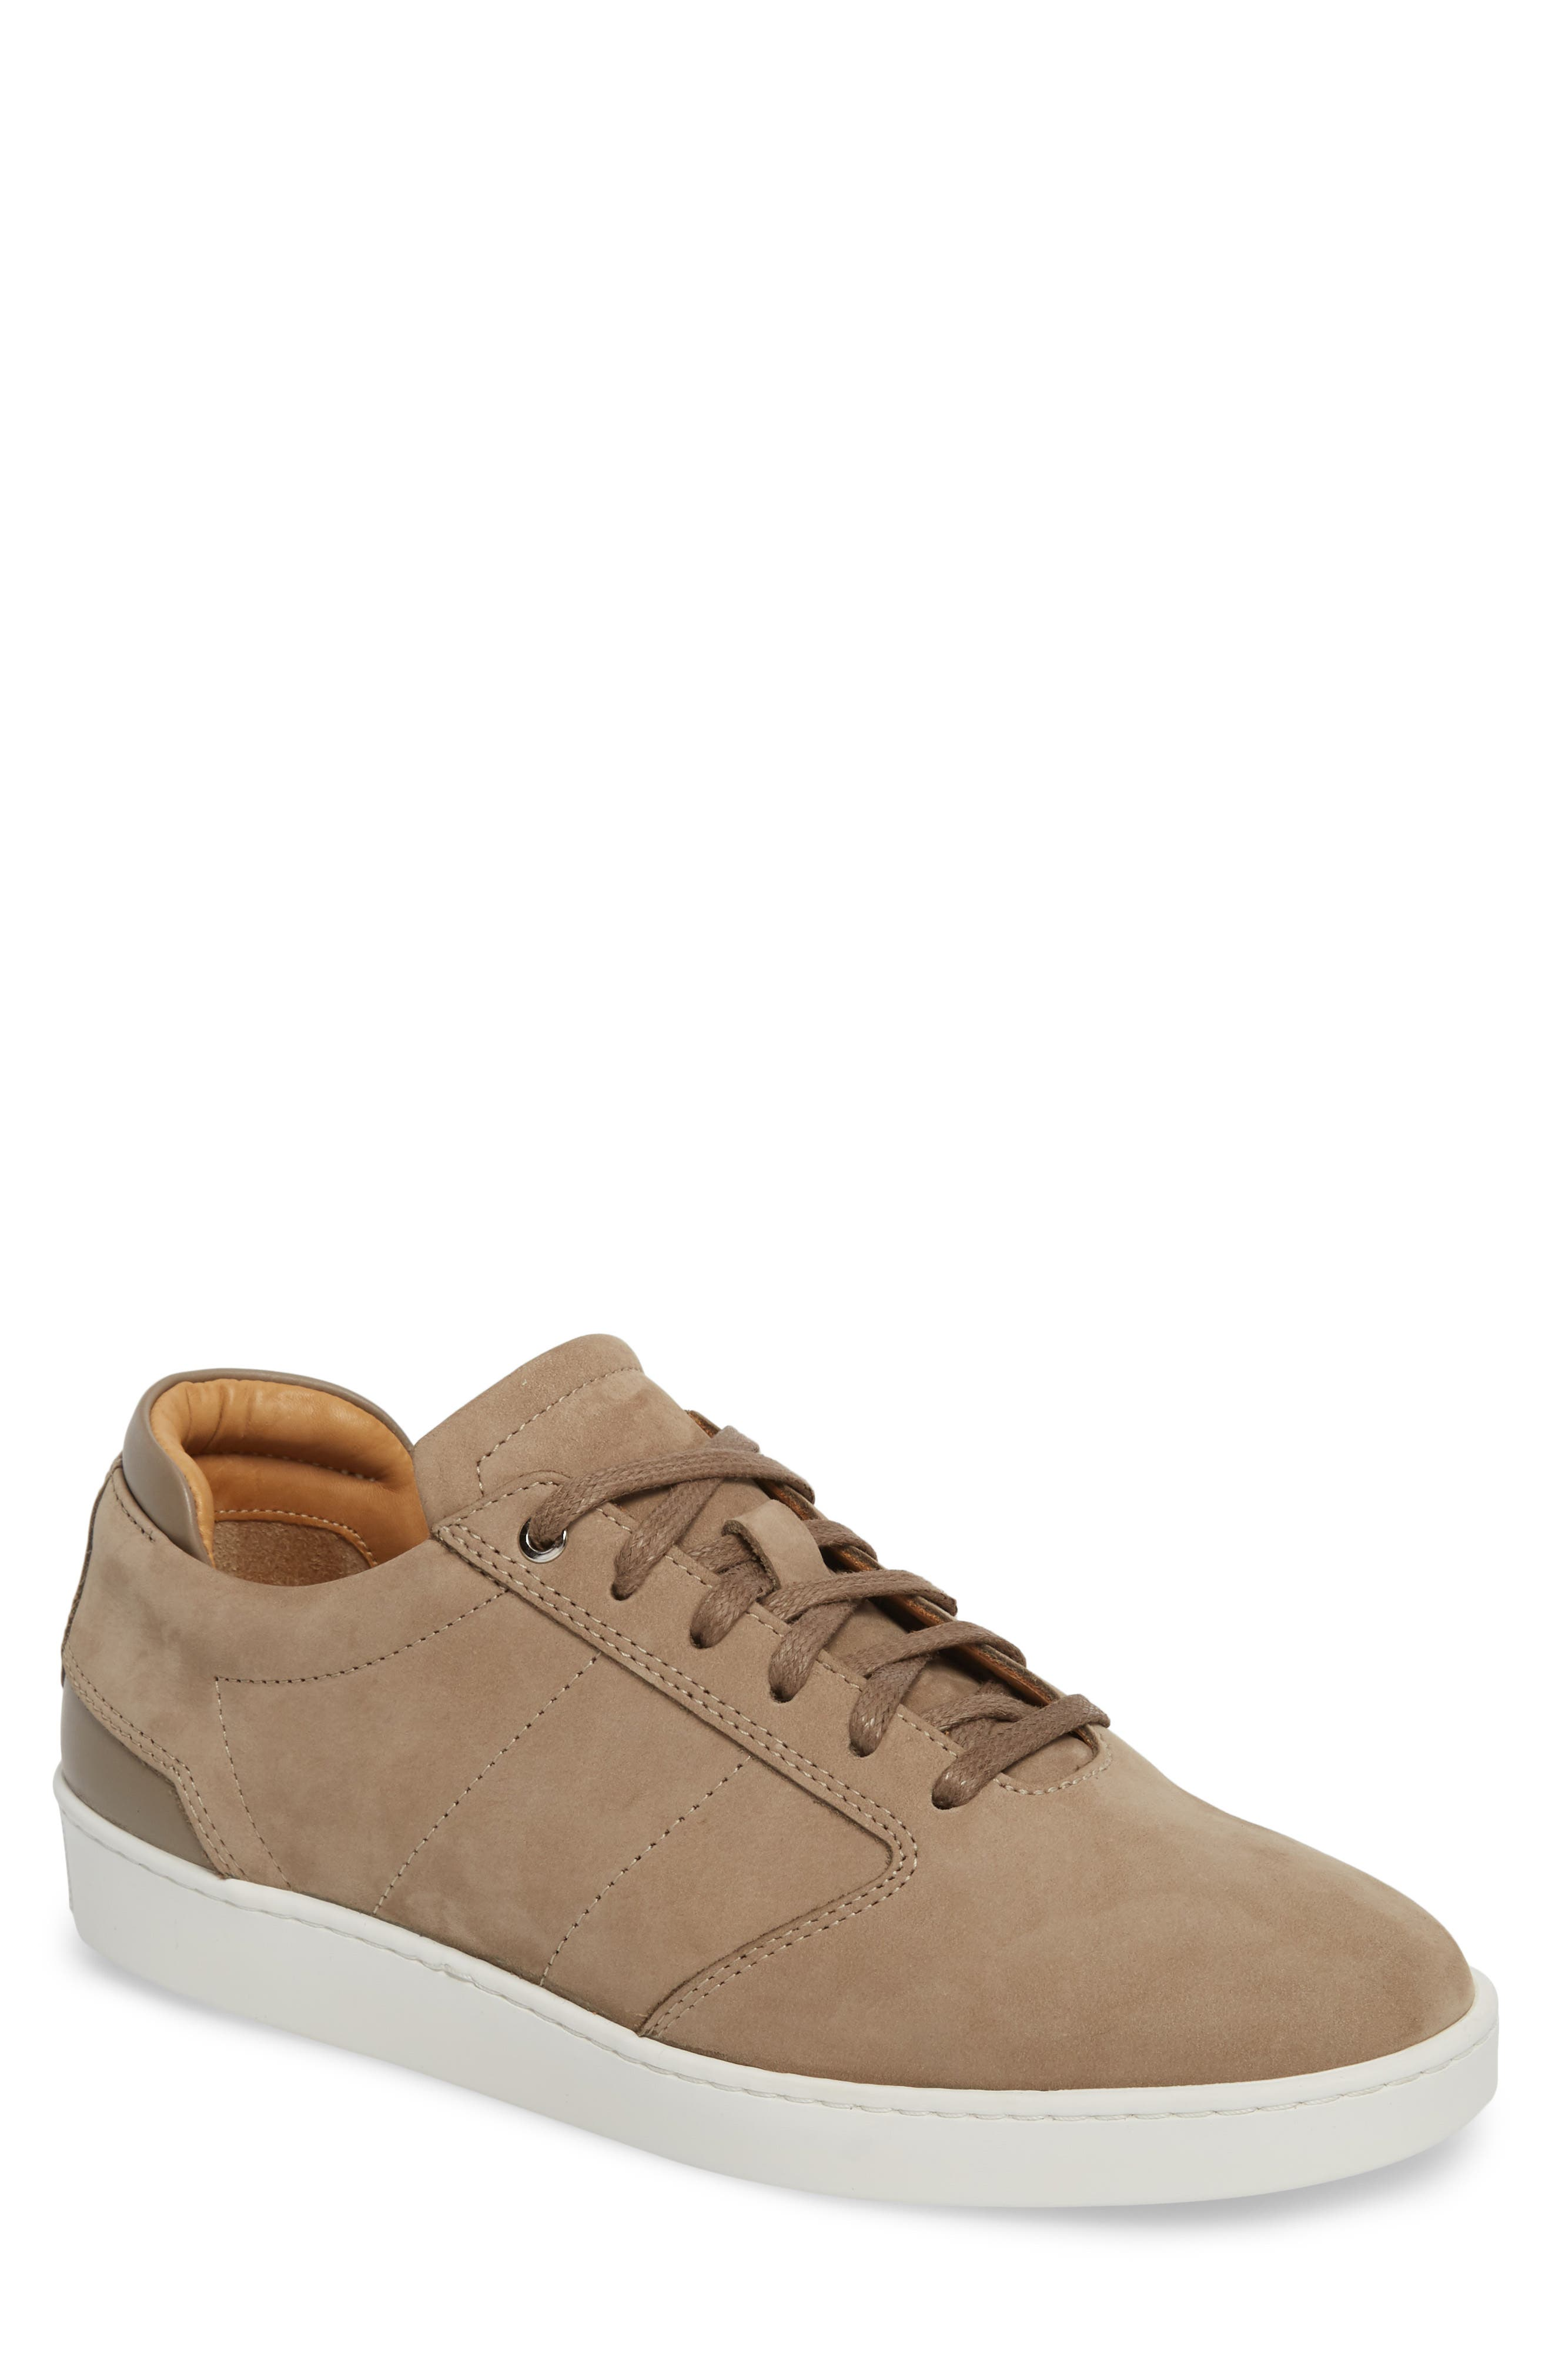 WANT LES ESSENTIELS Lennon Sneaker (Men)